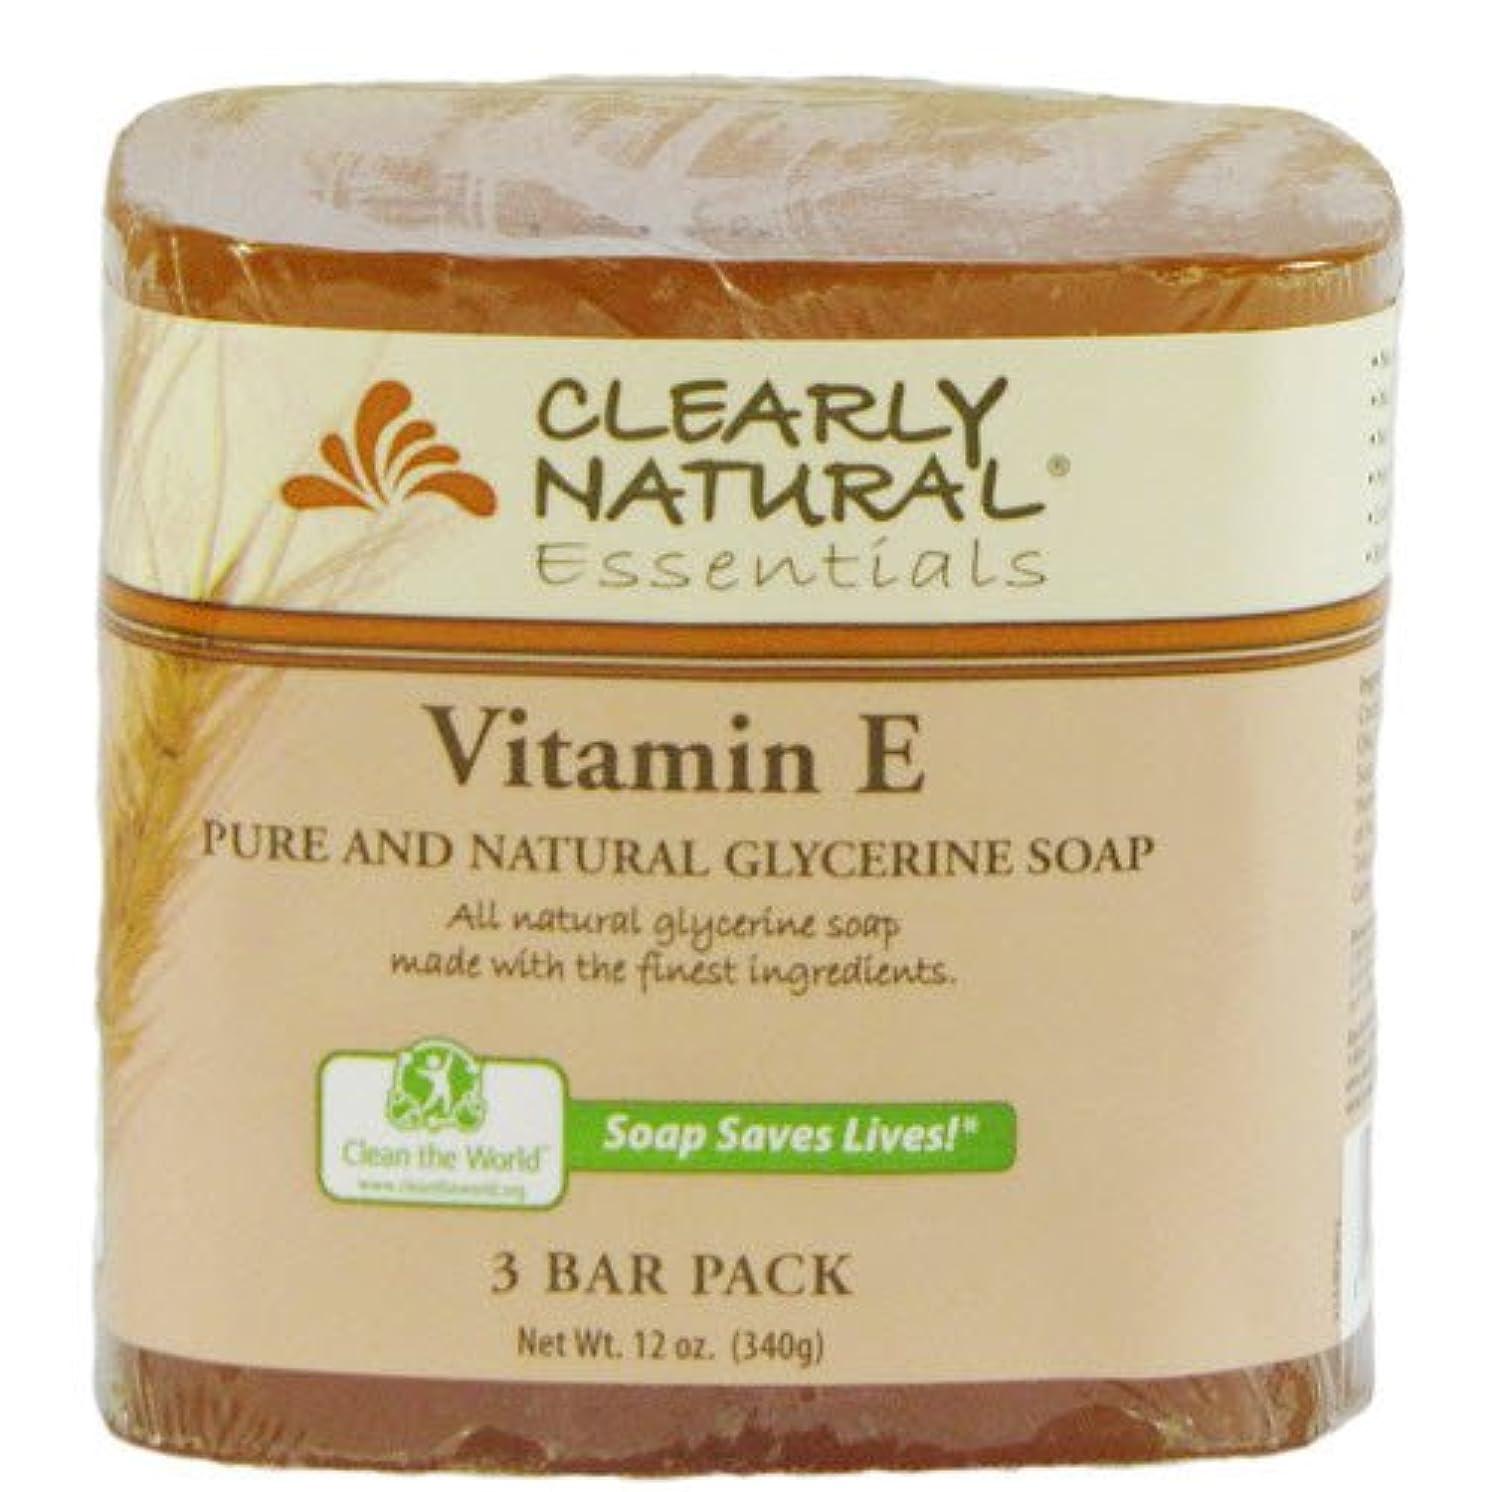 膨張する静脈コンテストClearly Natural, Pure and Natural Glycerine Soap, Vitamin E, 3 Bar Pack, 4 oz Each